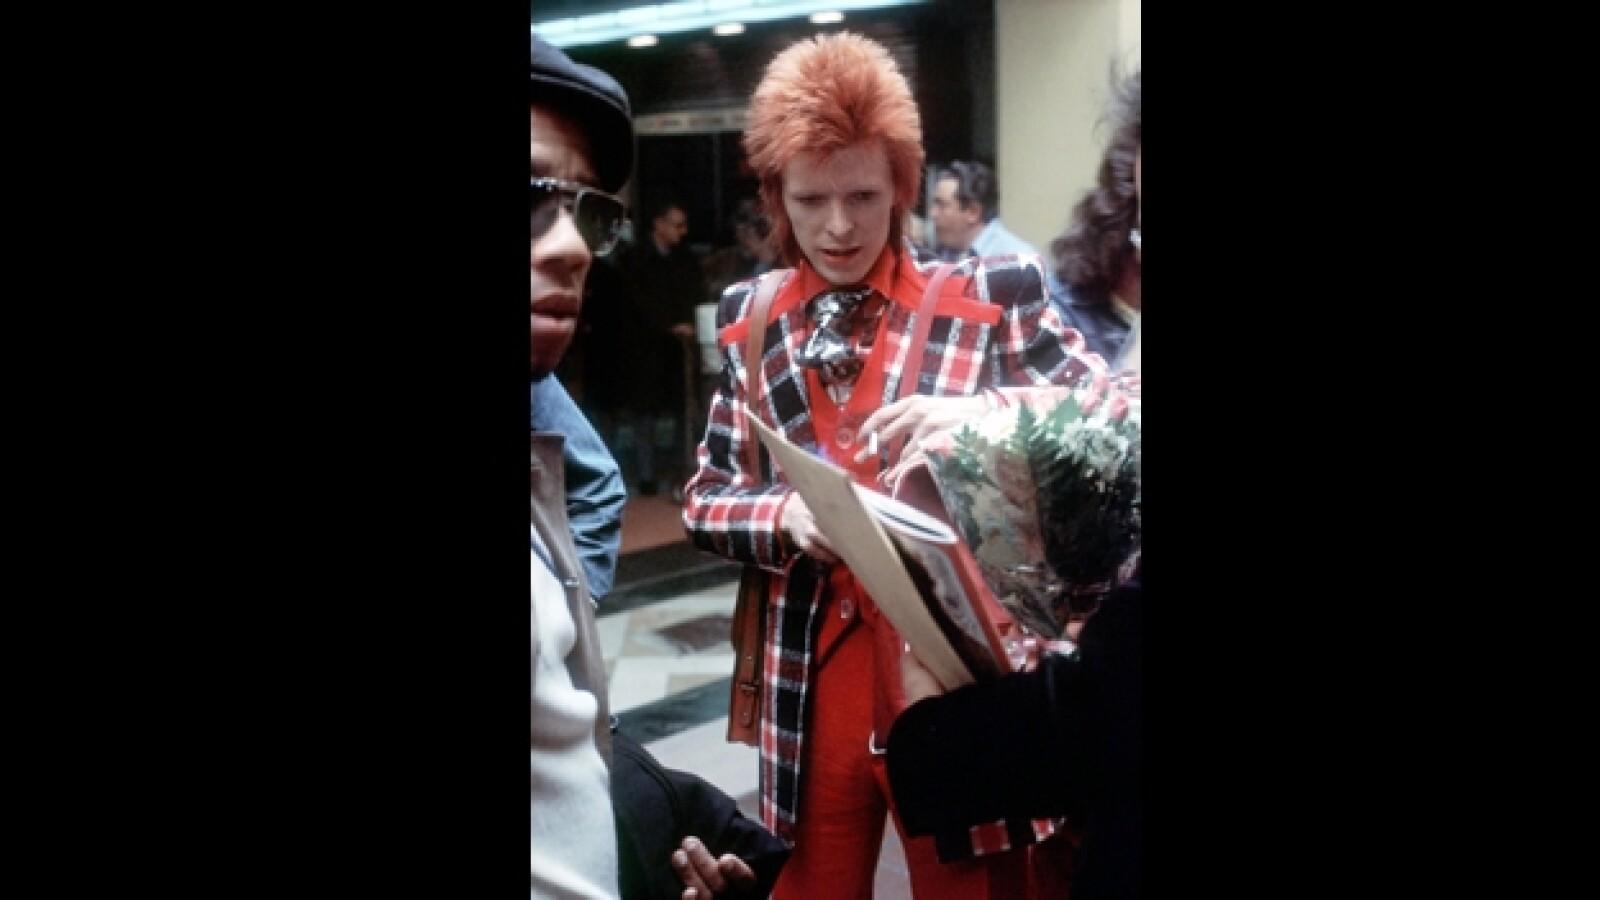 bowie firma un autografo con la mano izquierda en 1973